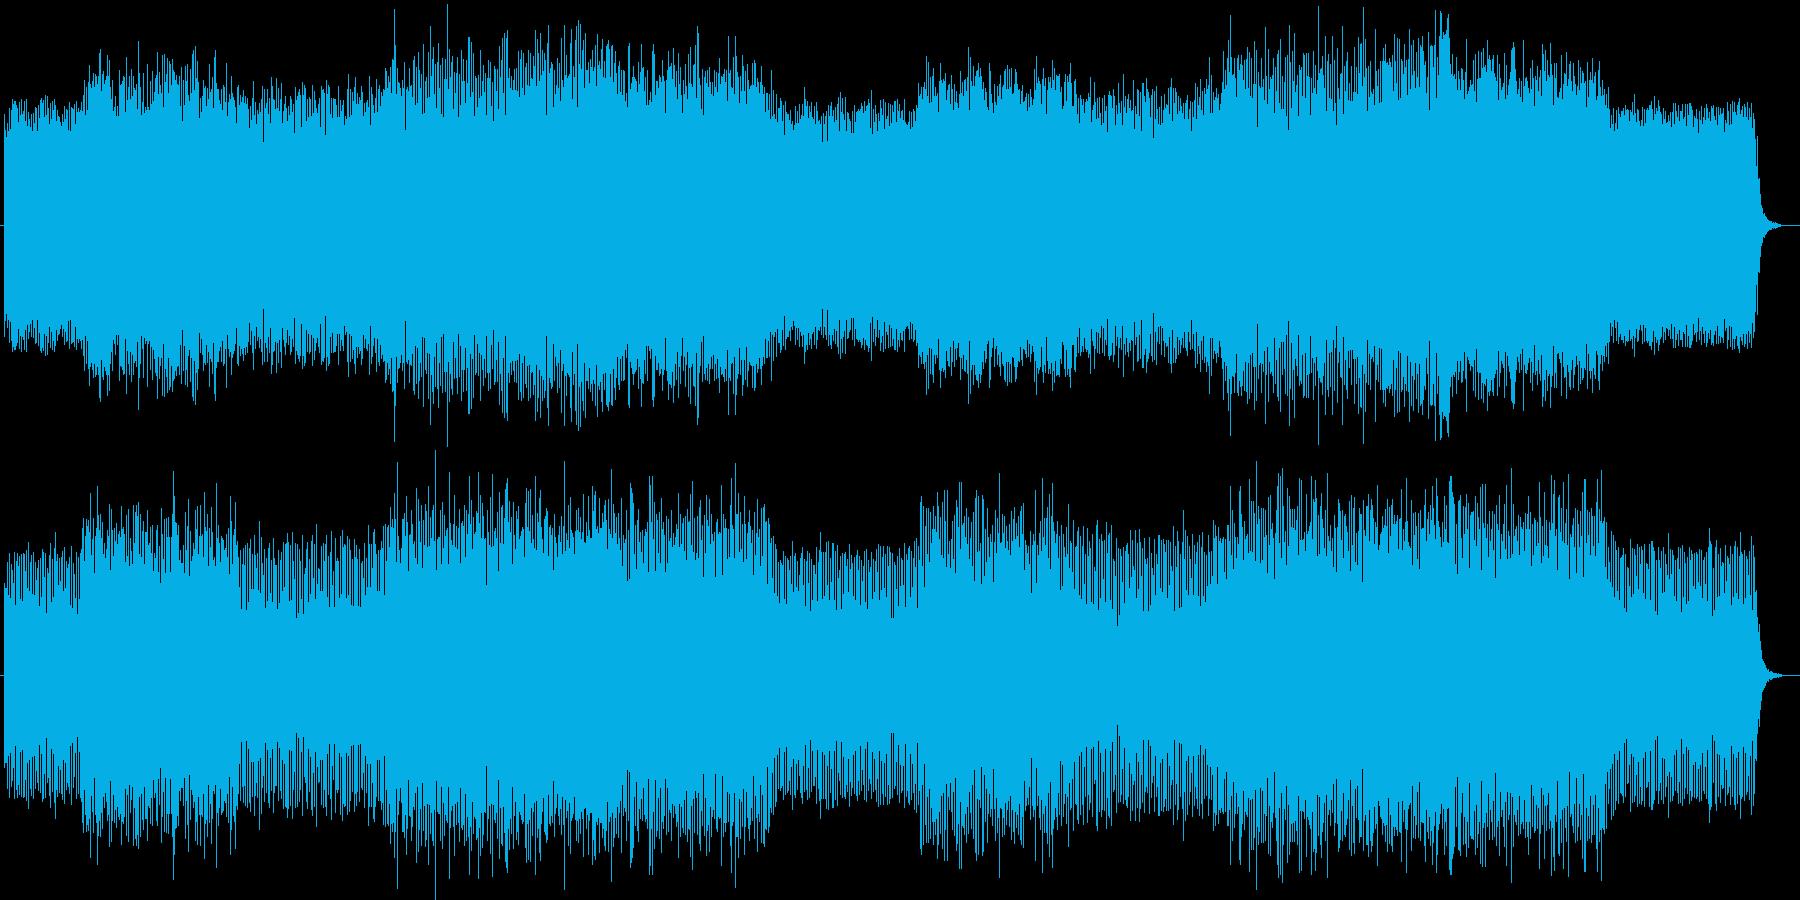 シリアスなシンセサイザーサウンドの再生済みの波形